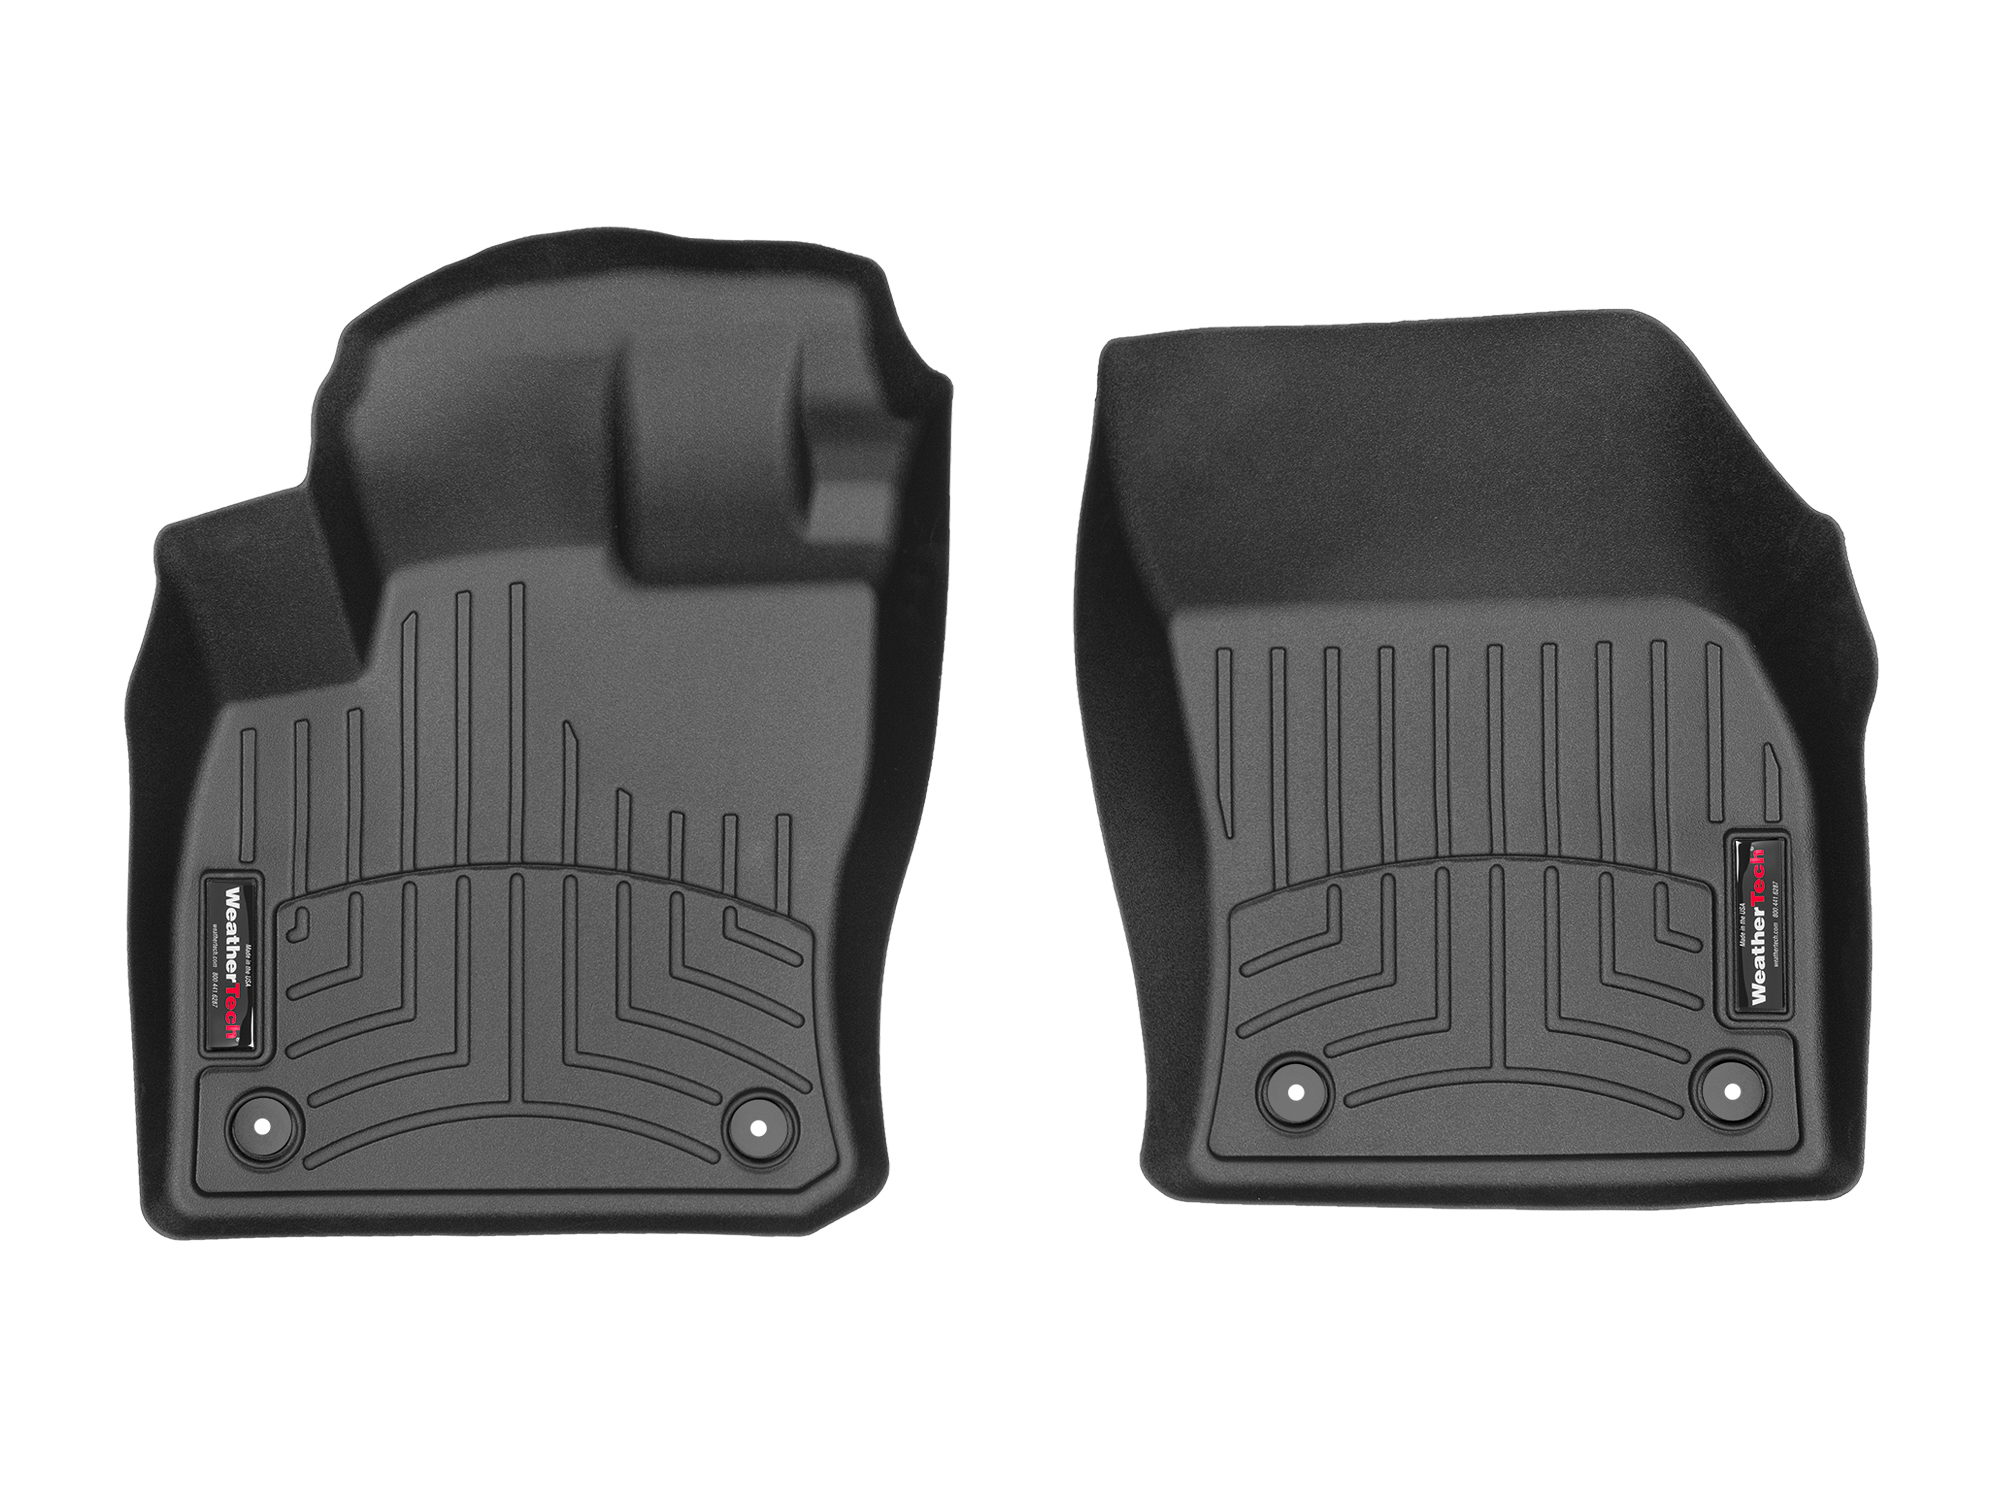 Tappeti gomma su misura bordo alto Volkswagen Tiguan 16>16 Nero A4271*